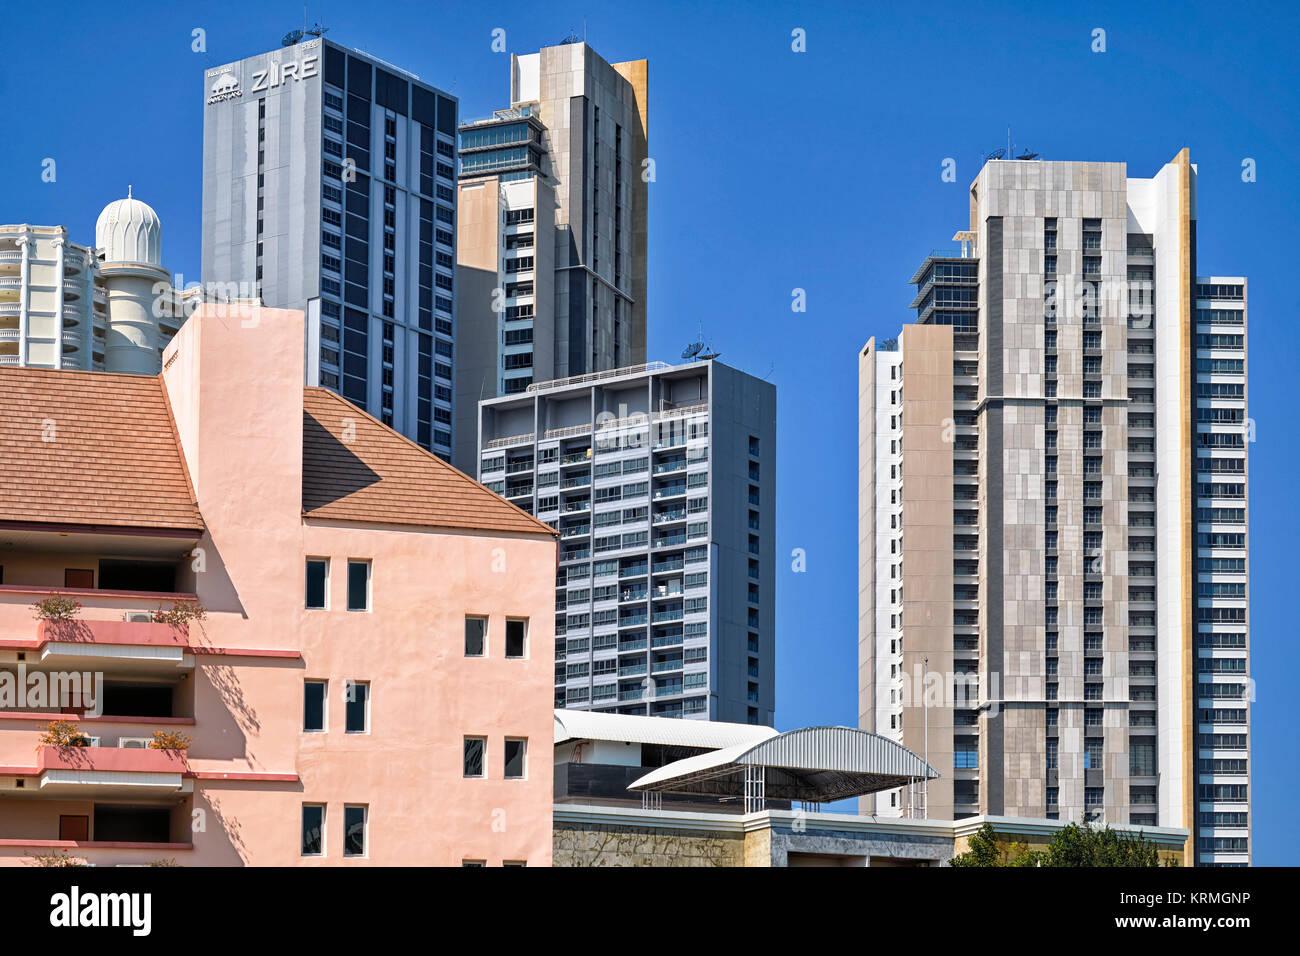 L'architecture moderne. Des tours d'appartements et de condominiums Pattaya en Thaïlande, en Asie du sud-est Banque D'Images